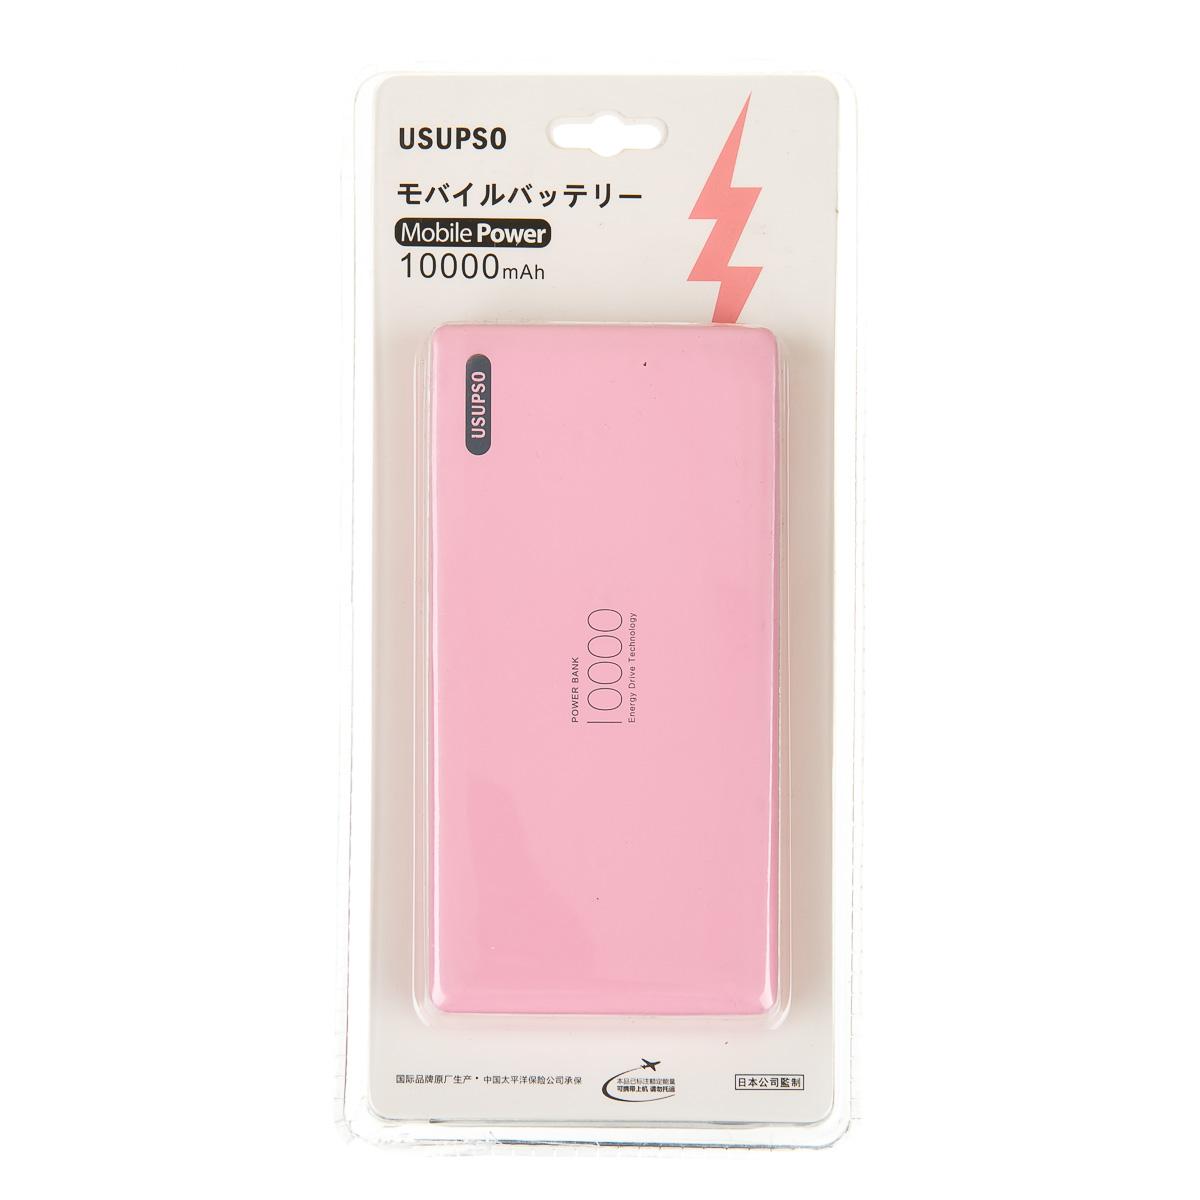 УМБ Power Bank розовый на 10000 мАh